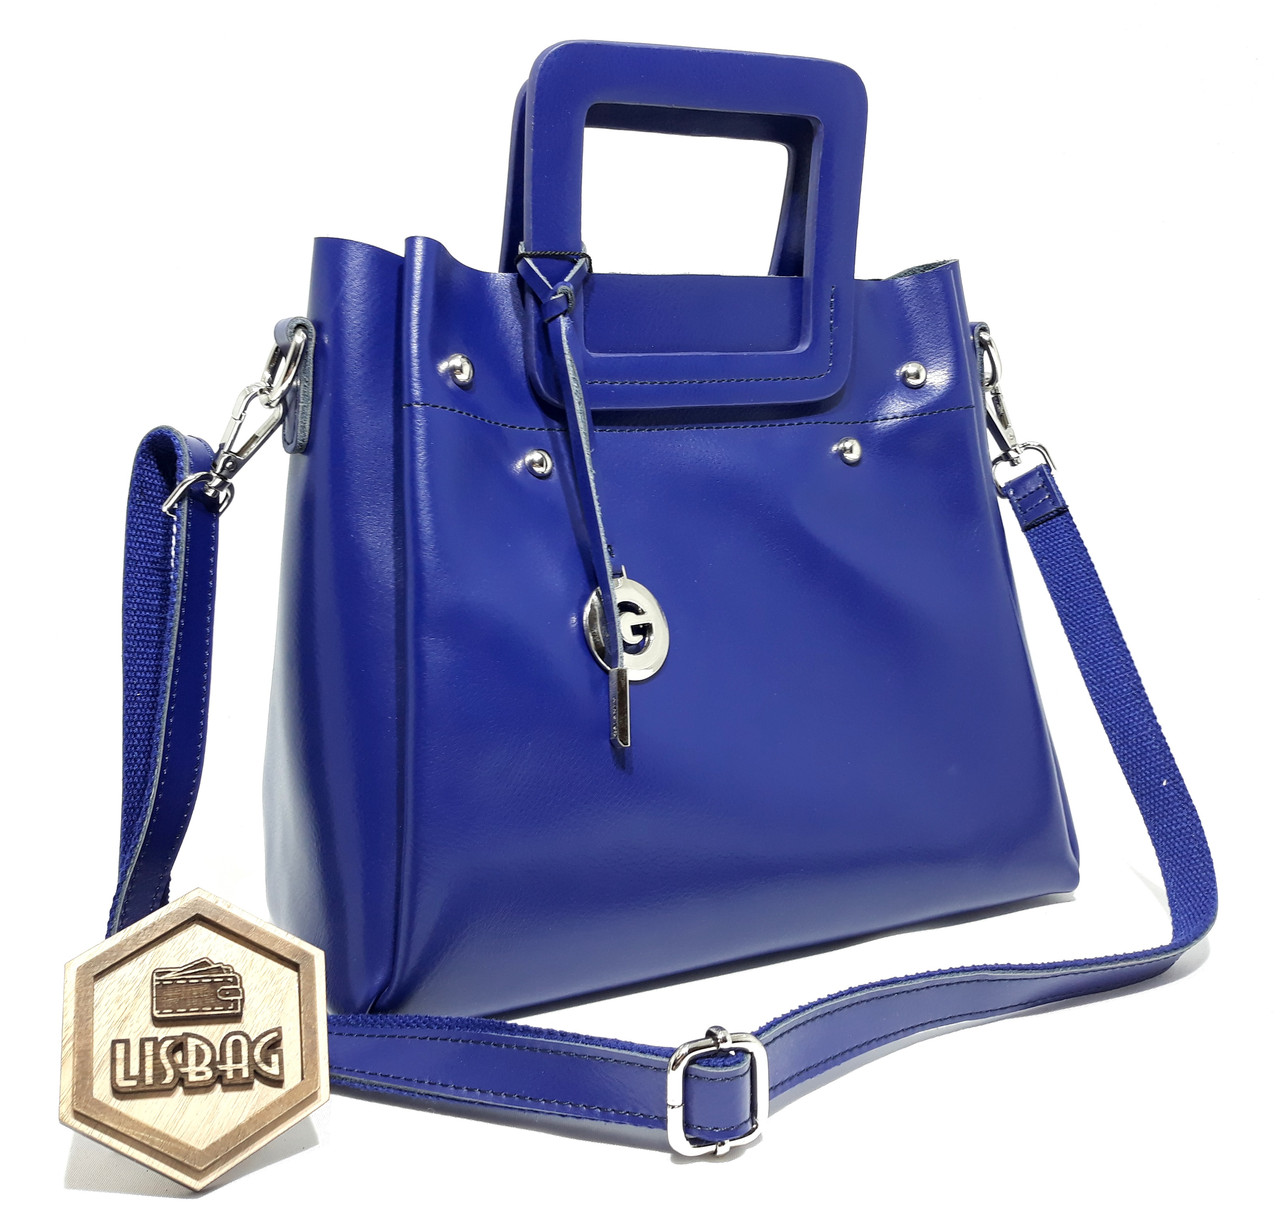 Шикарная Синяя женская сумка Galanty из натуральной кожи для любого сезона